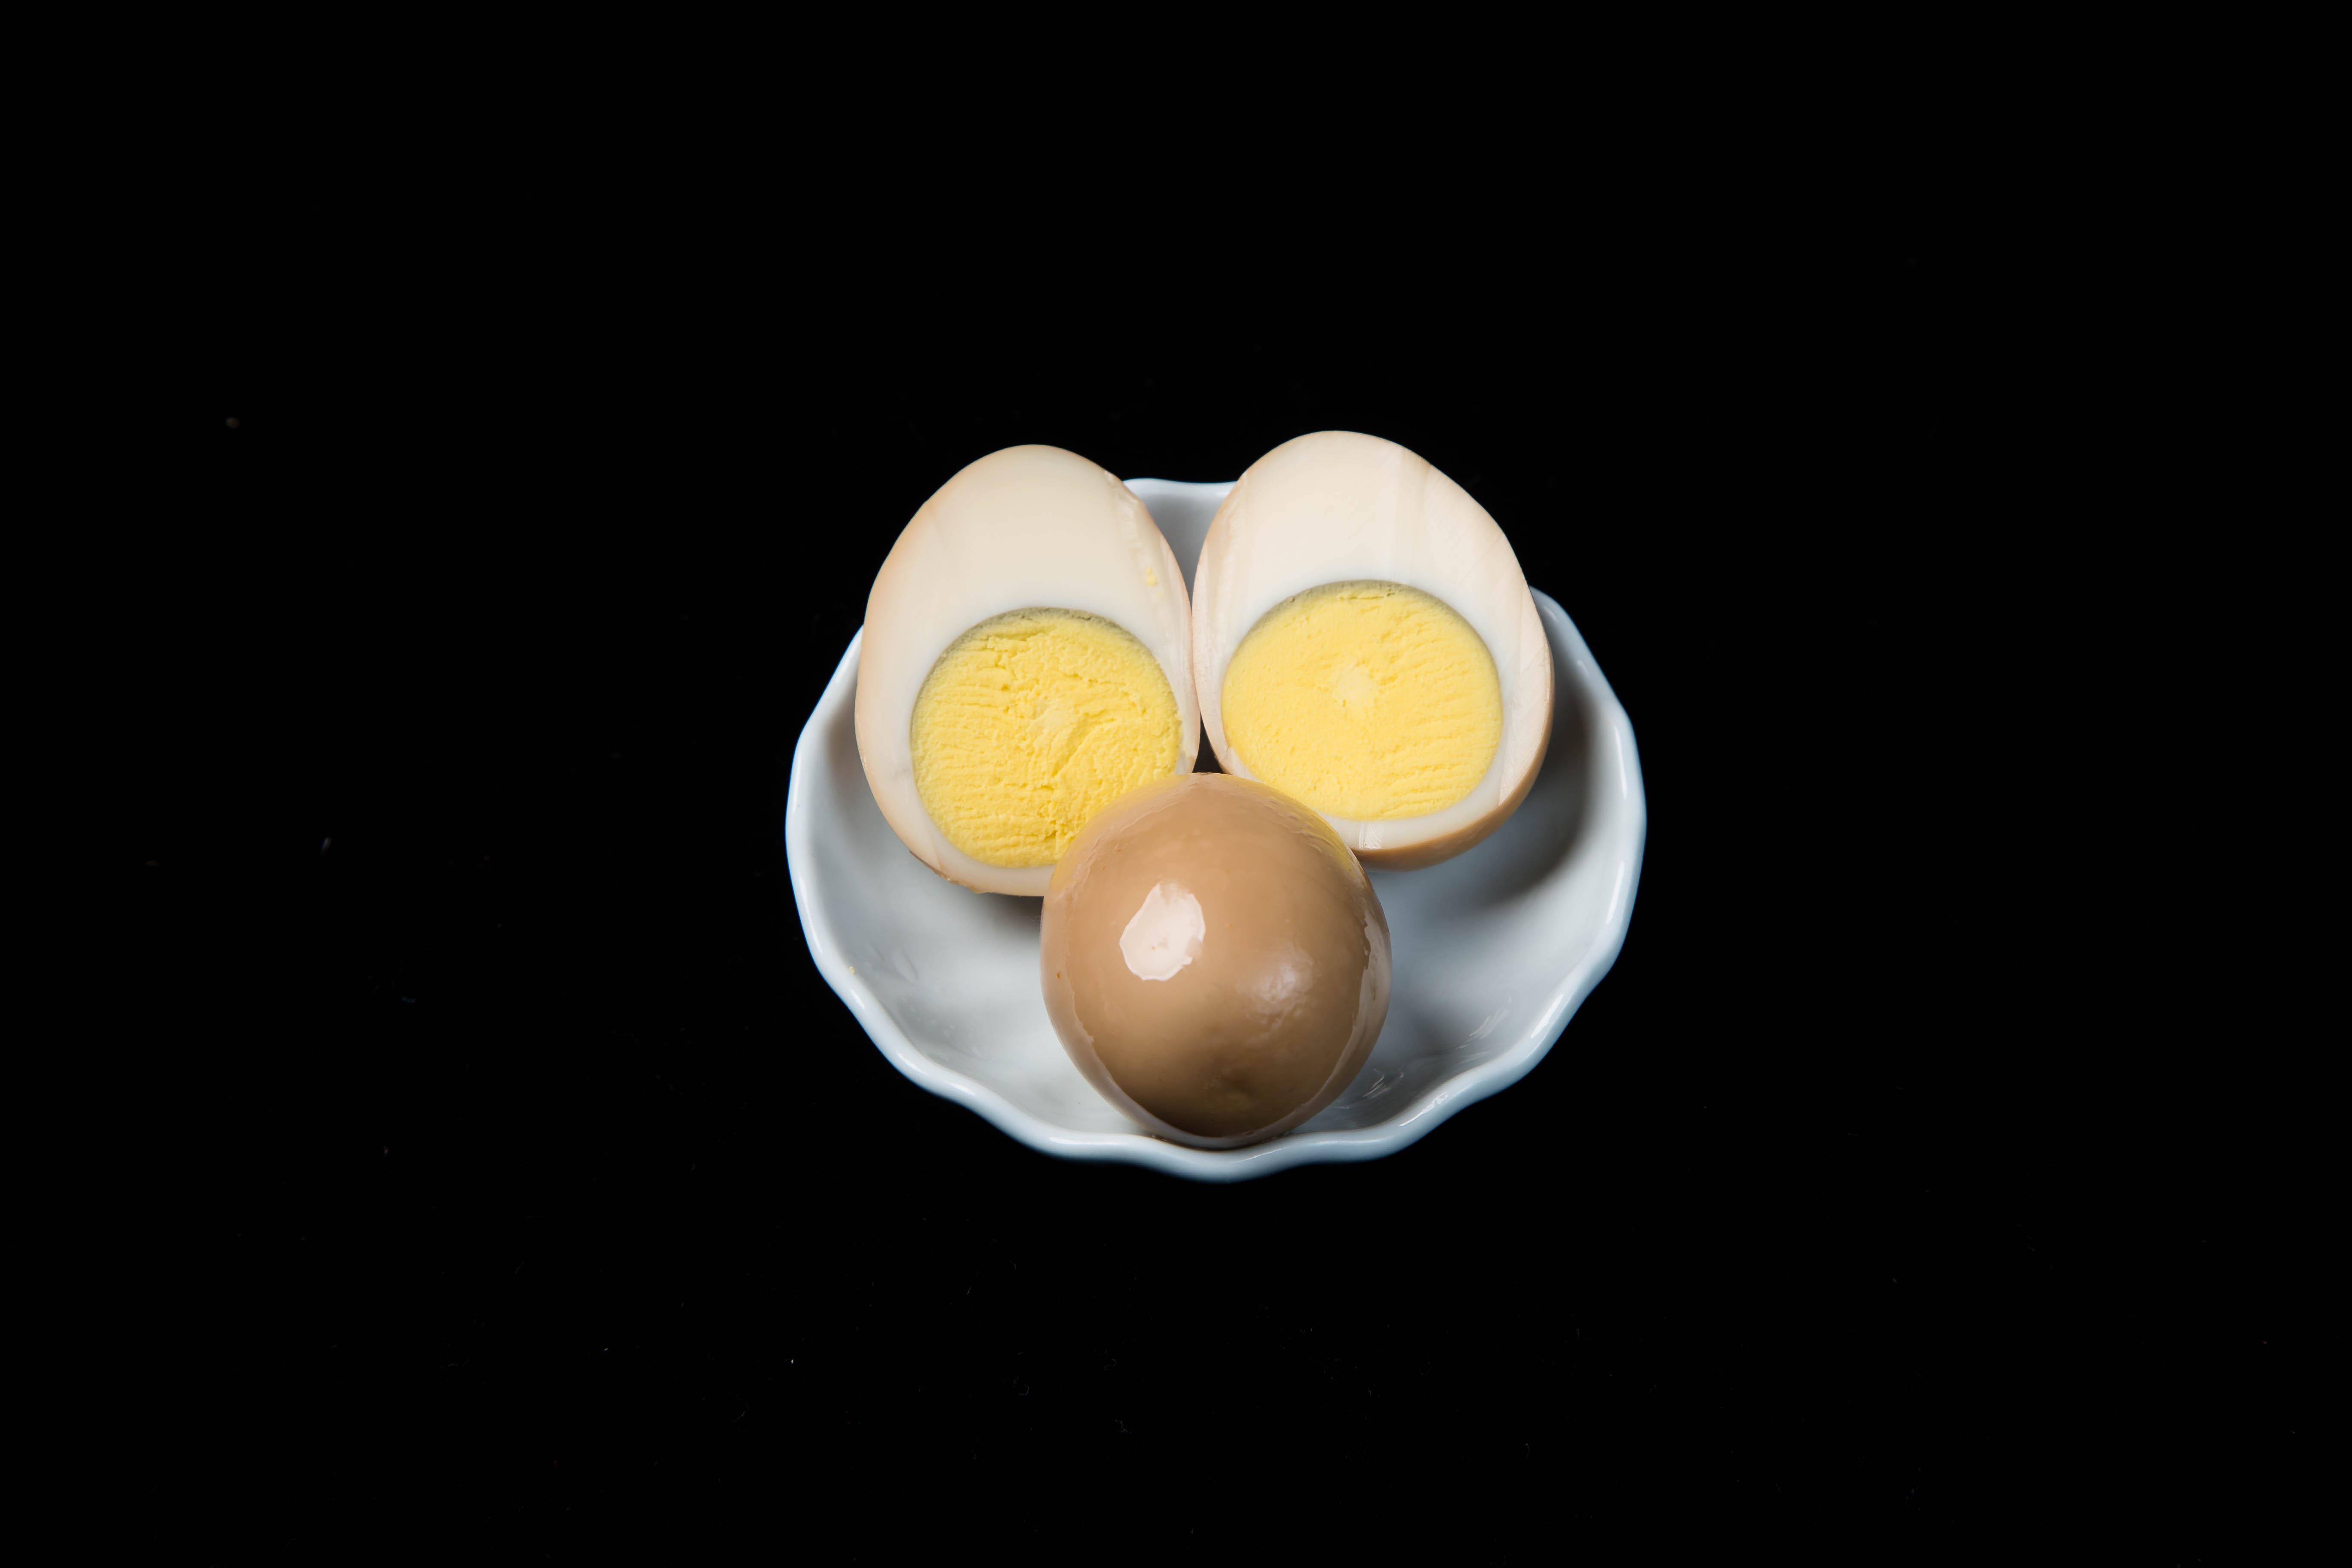 卤蛋.jpg